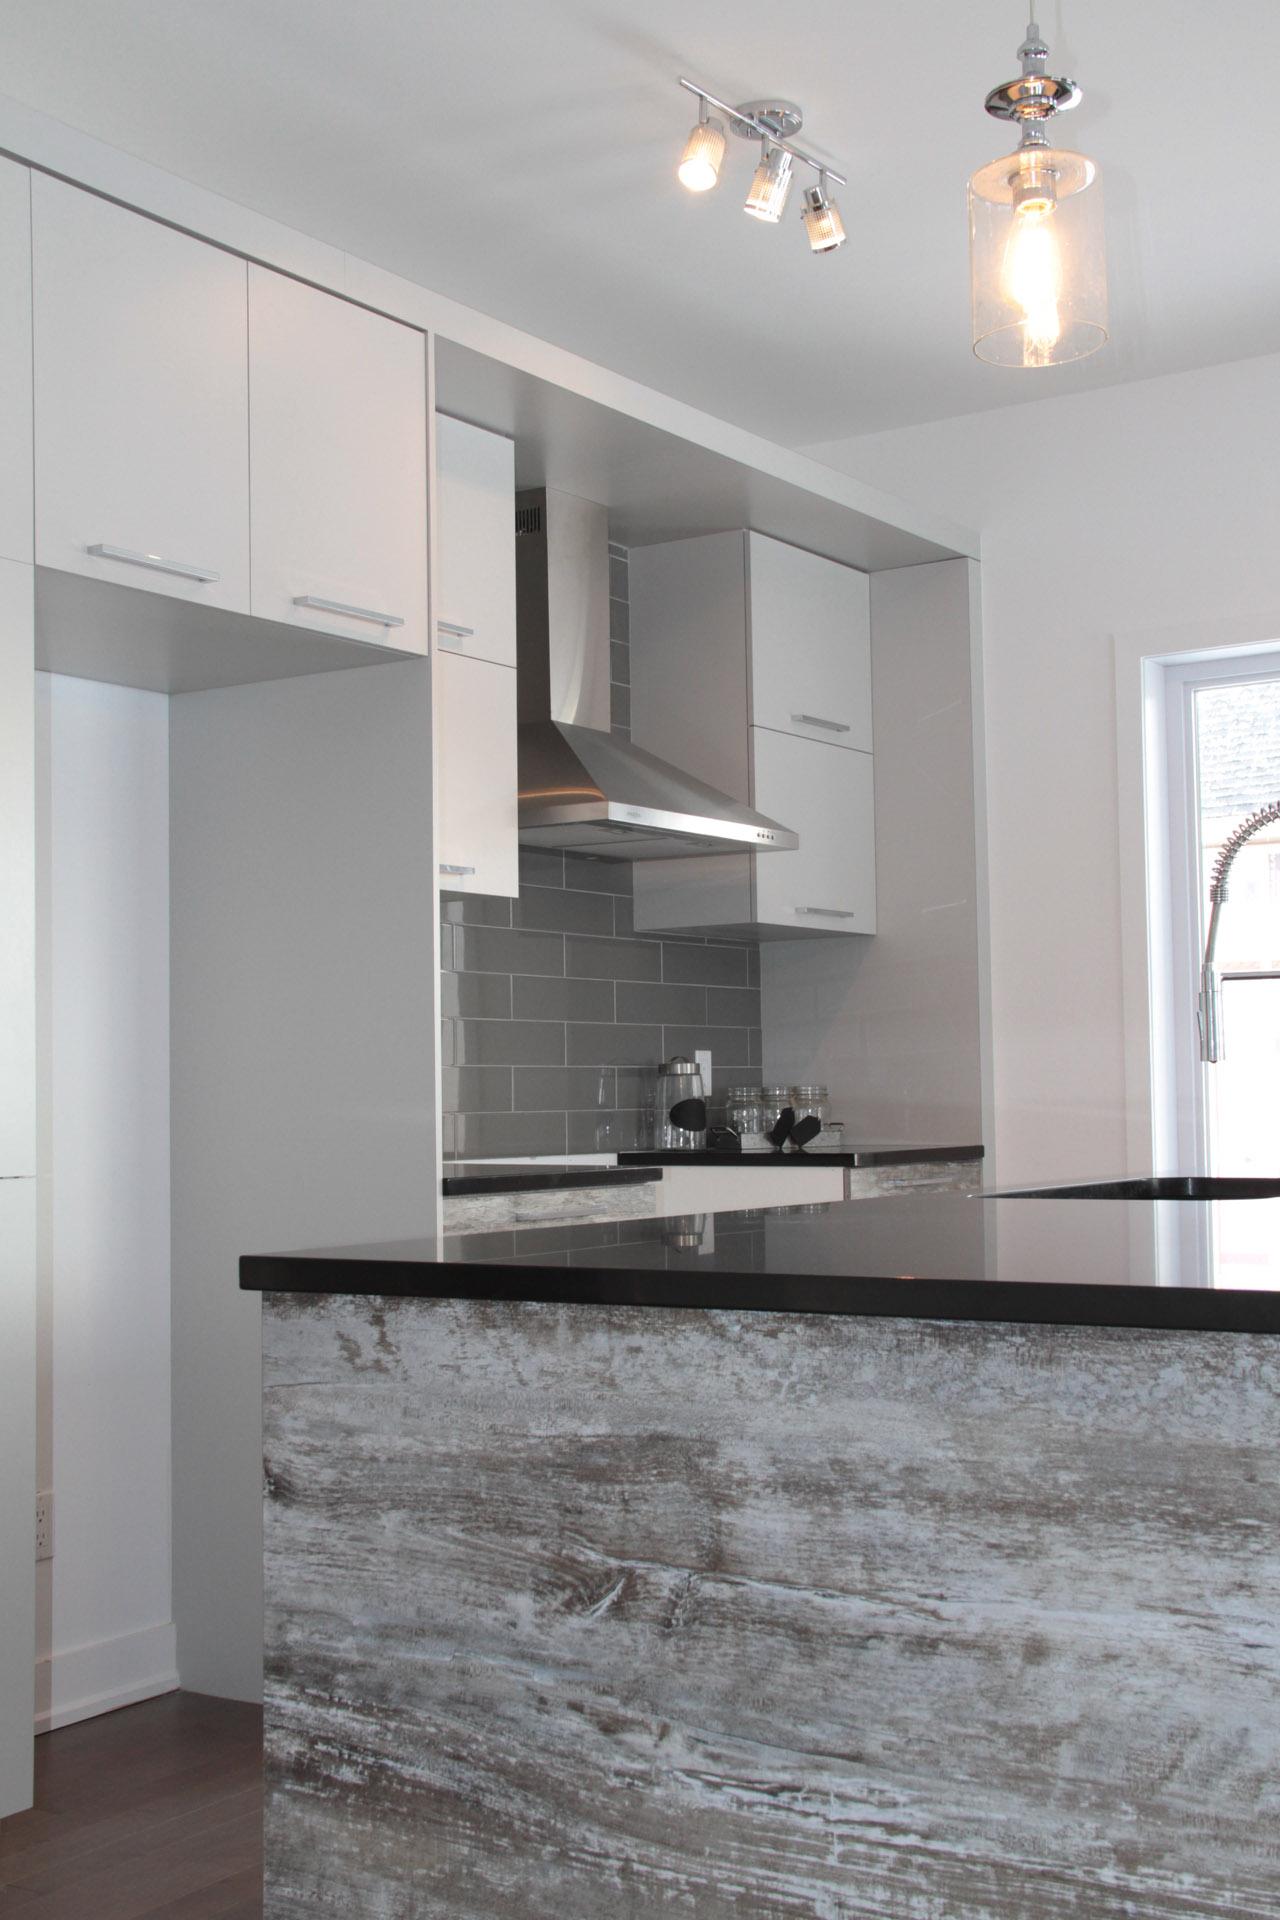 Armoires de cuisine st j r me et r novation salles de for Armoires de cuisine en bois